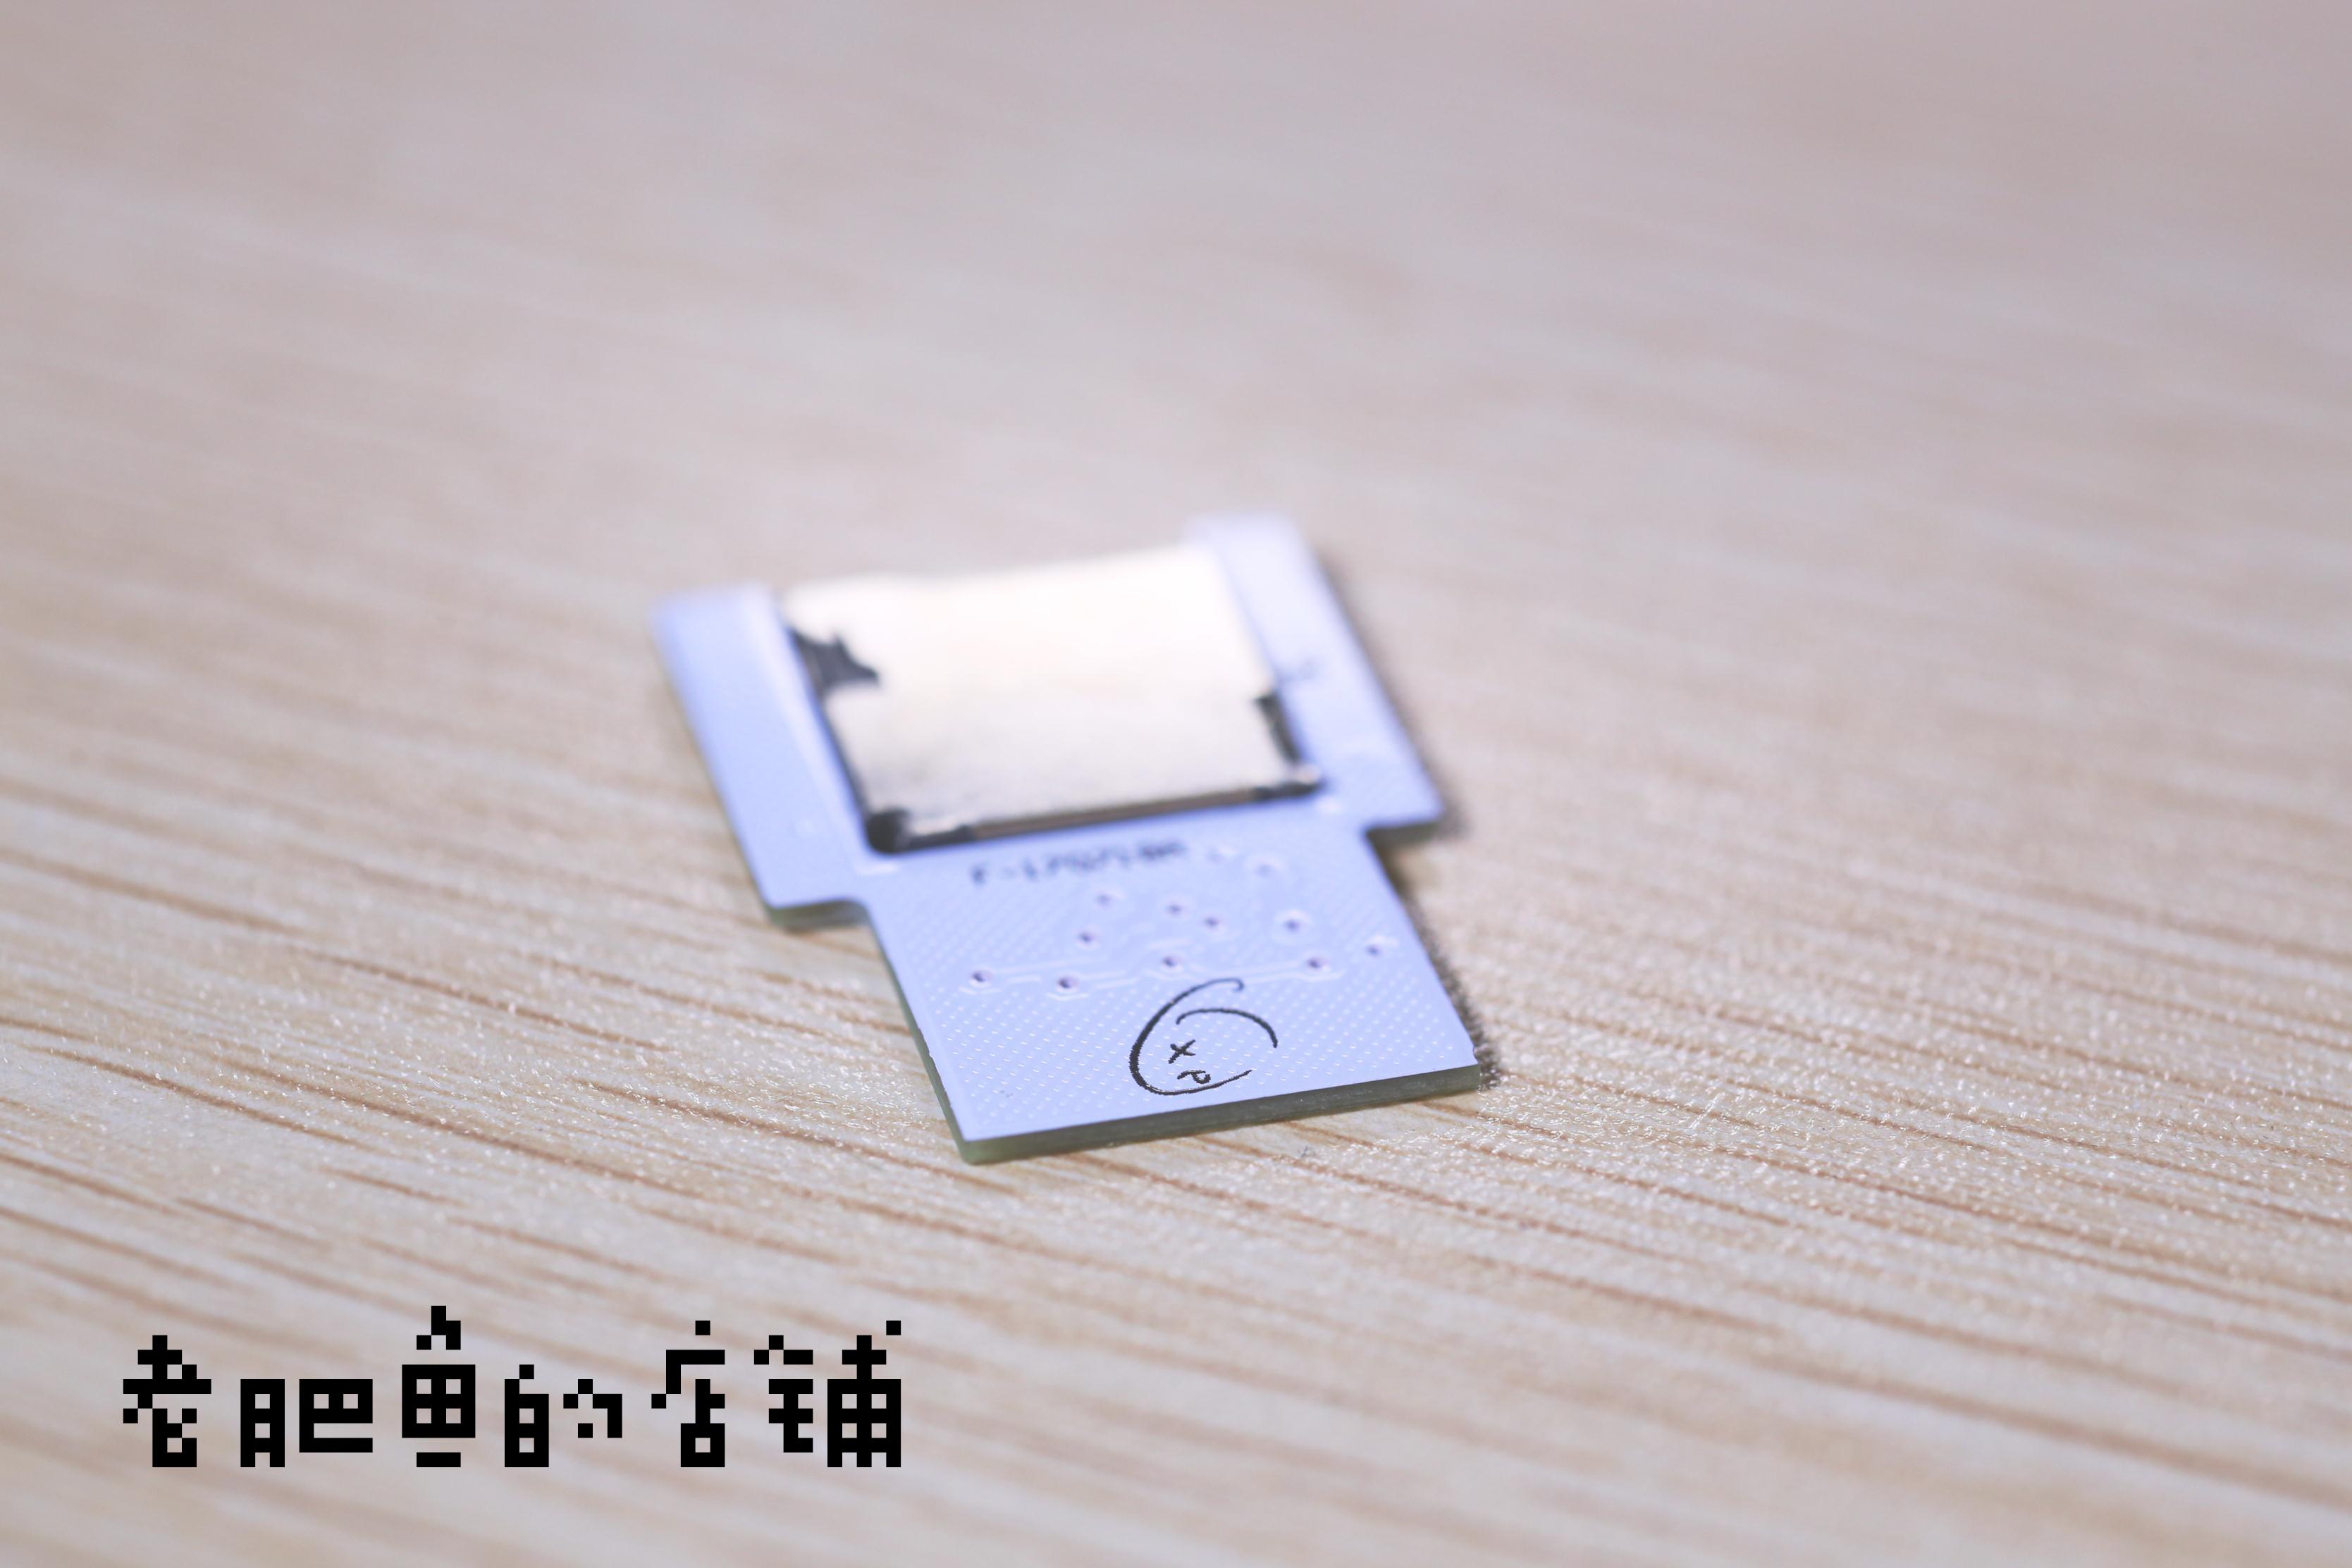 PSVita TF поворот наборы карт катон продвижение · продавать в psv наборы карт жир рыба издание